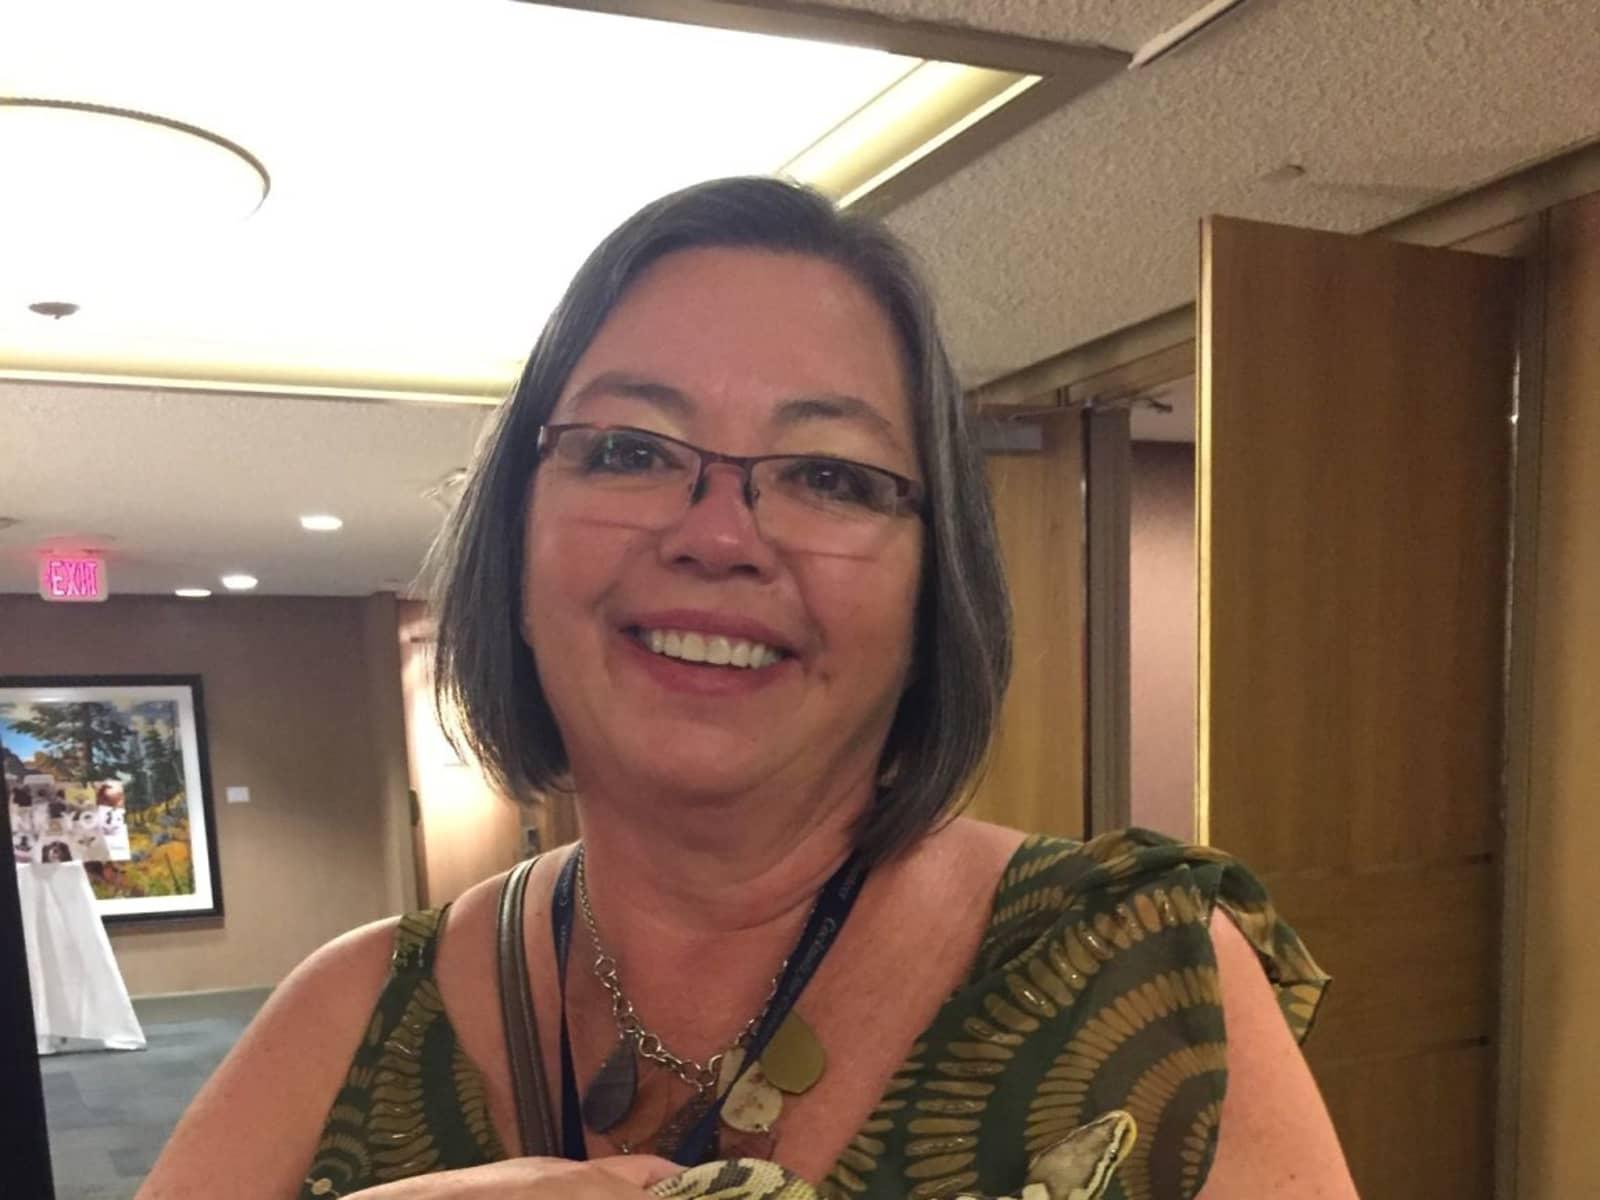 Pat from Calgary, Alberta, Canada